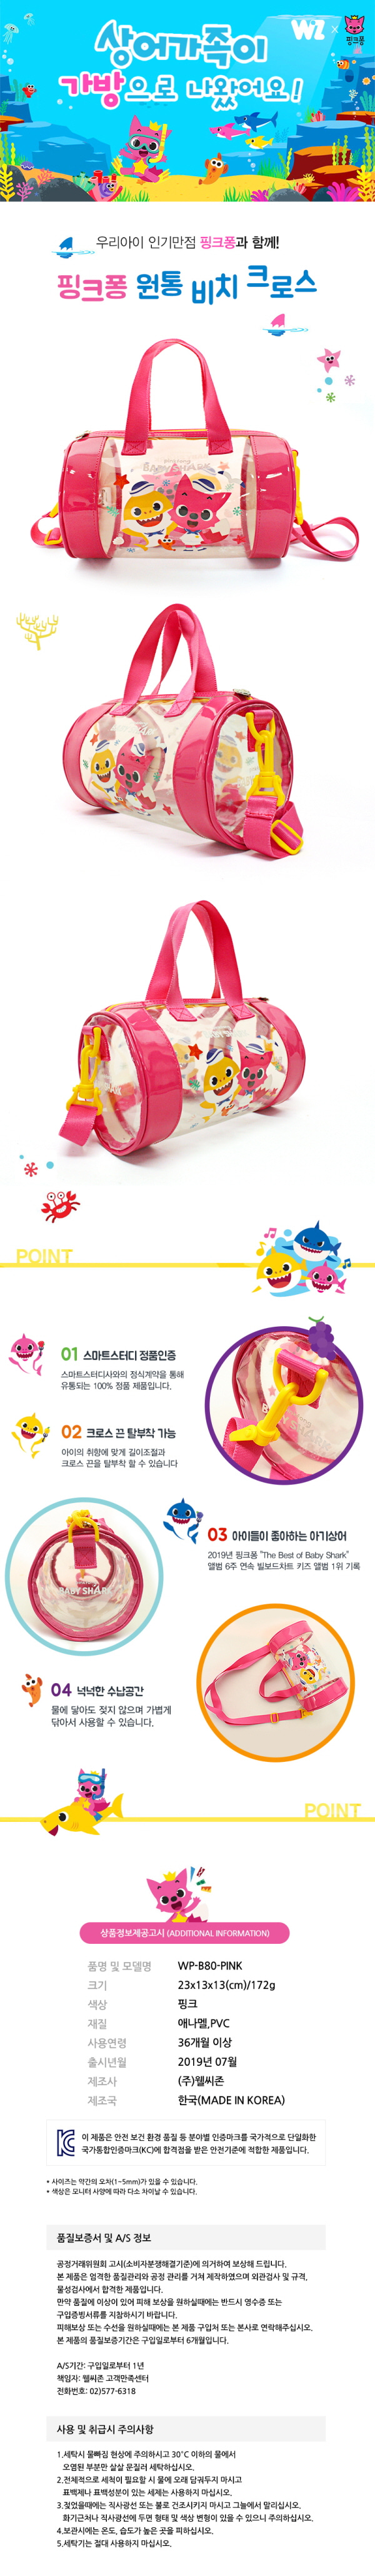 핑크퐁 원통 비치 크로스백 (핑크) - 키티야, 20,500원, 가방, 크로스/숄더백